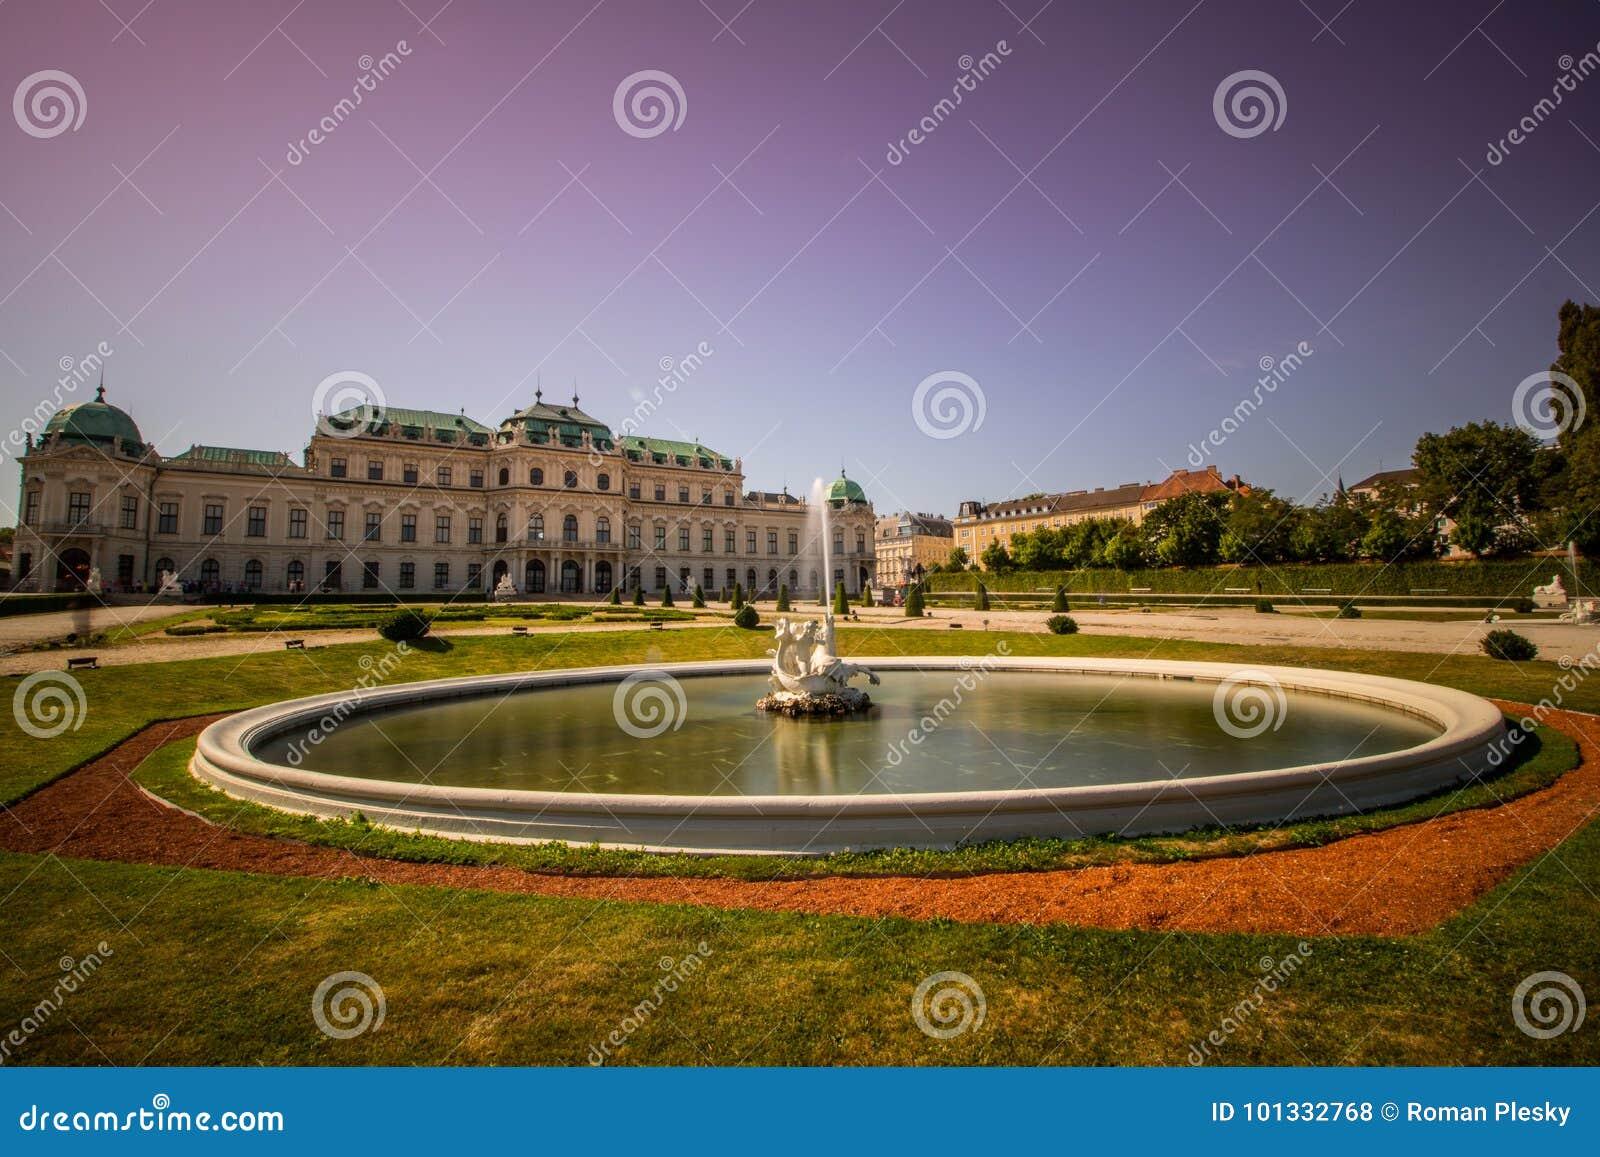 Κήπος παλατιών του πανοραμικού πυργίσκου στη Βιέννη, Αυστρία